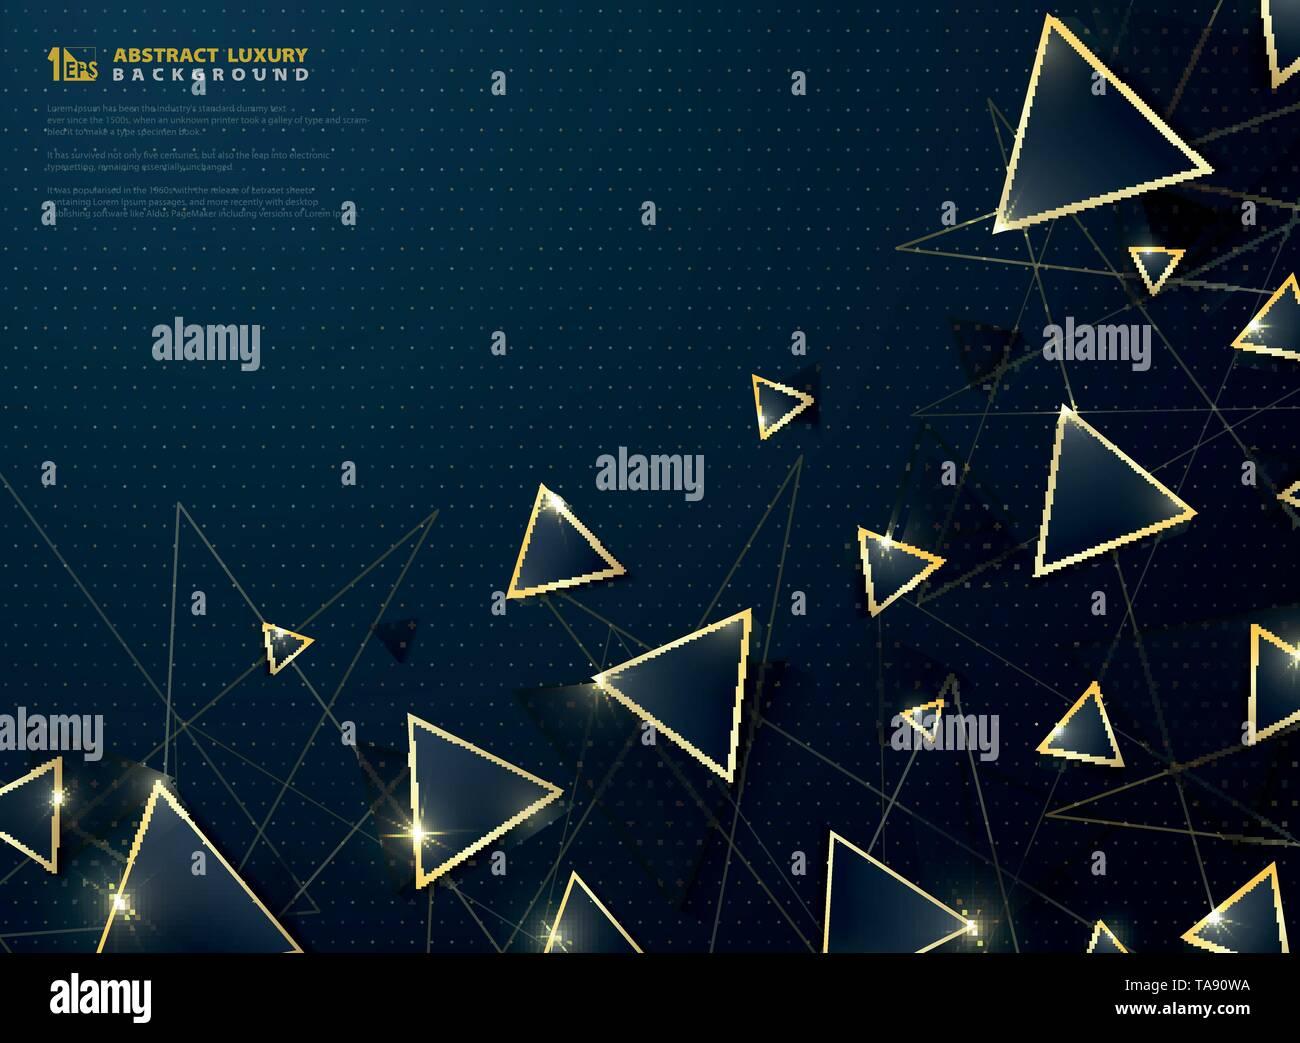 Résumé de luxe moderne triangle bleu avec décoration cadre doré paillettes arrière-plan. Design moderne pour votre annonce, affiche, design, rapport annuel. vector Photo Stock